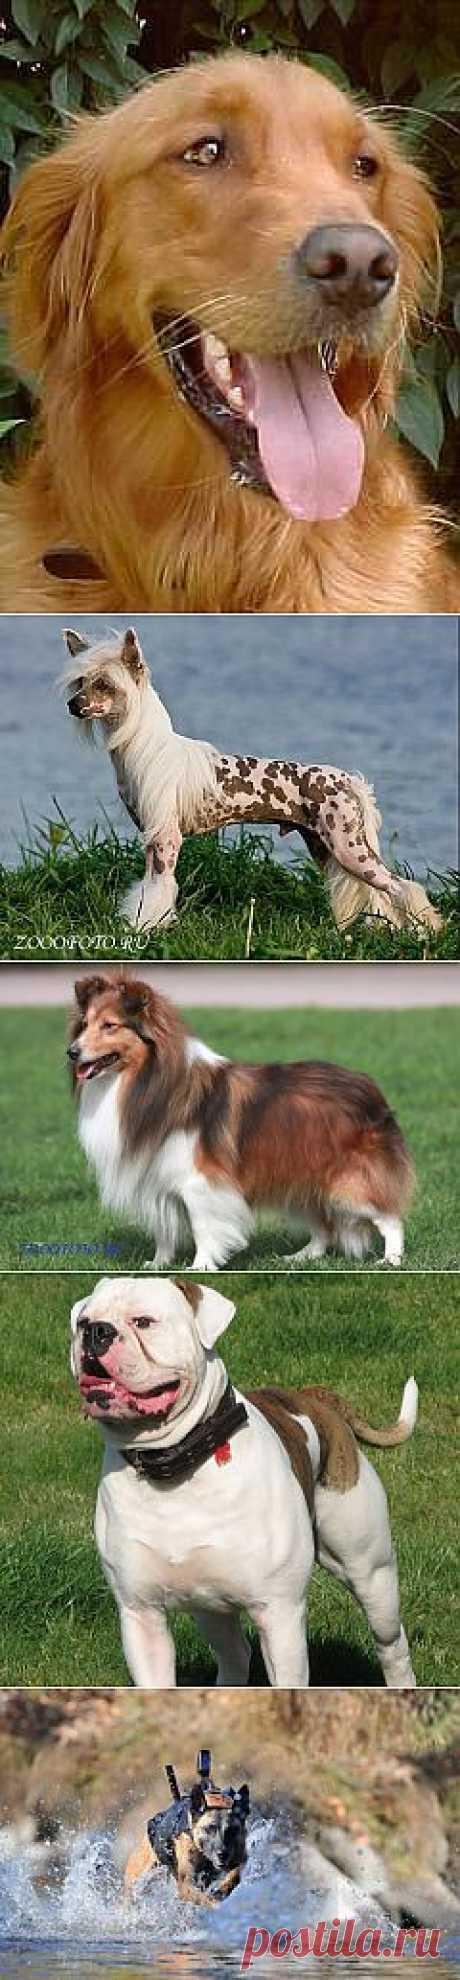 Фото животных - ЗооФото - Собаки